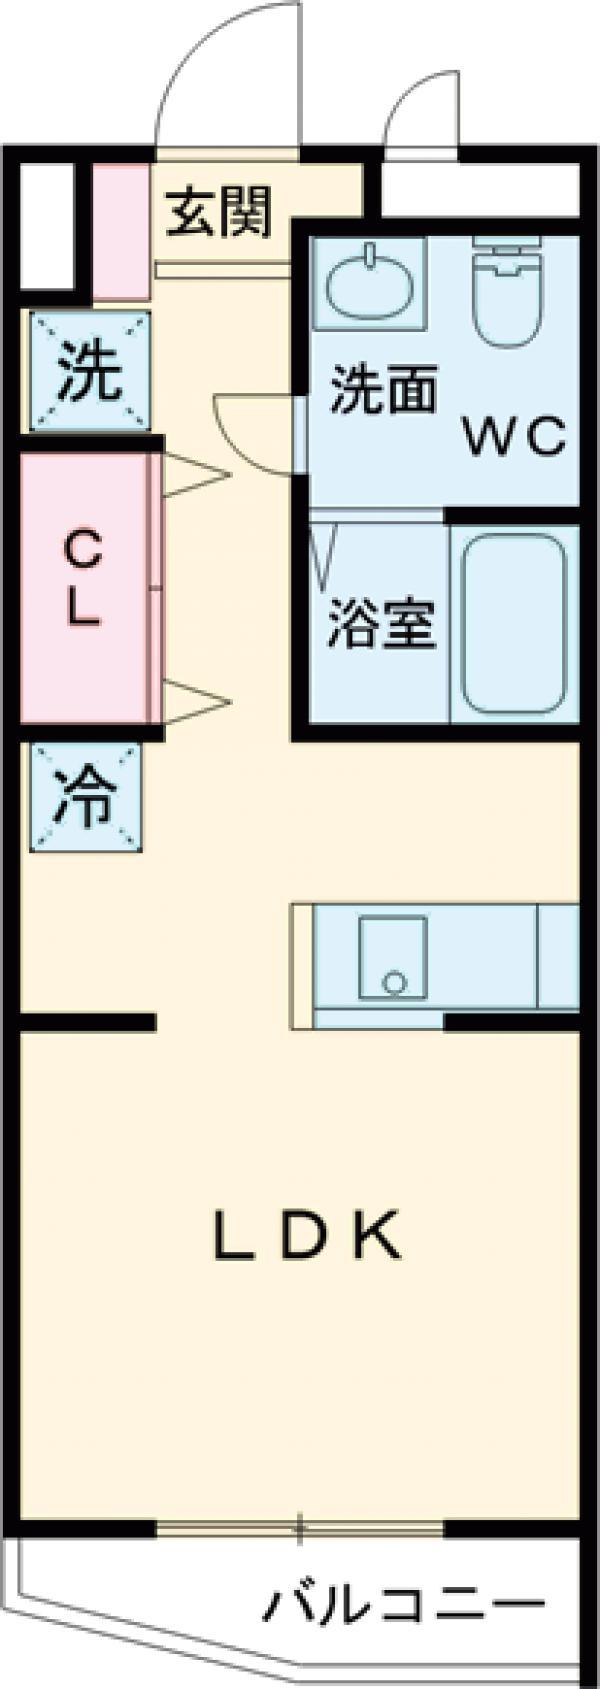 ピースコート成城学園前・104号室の間取り